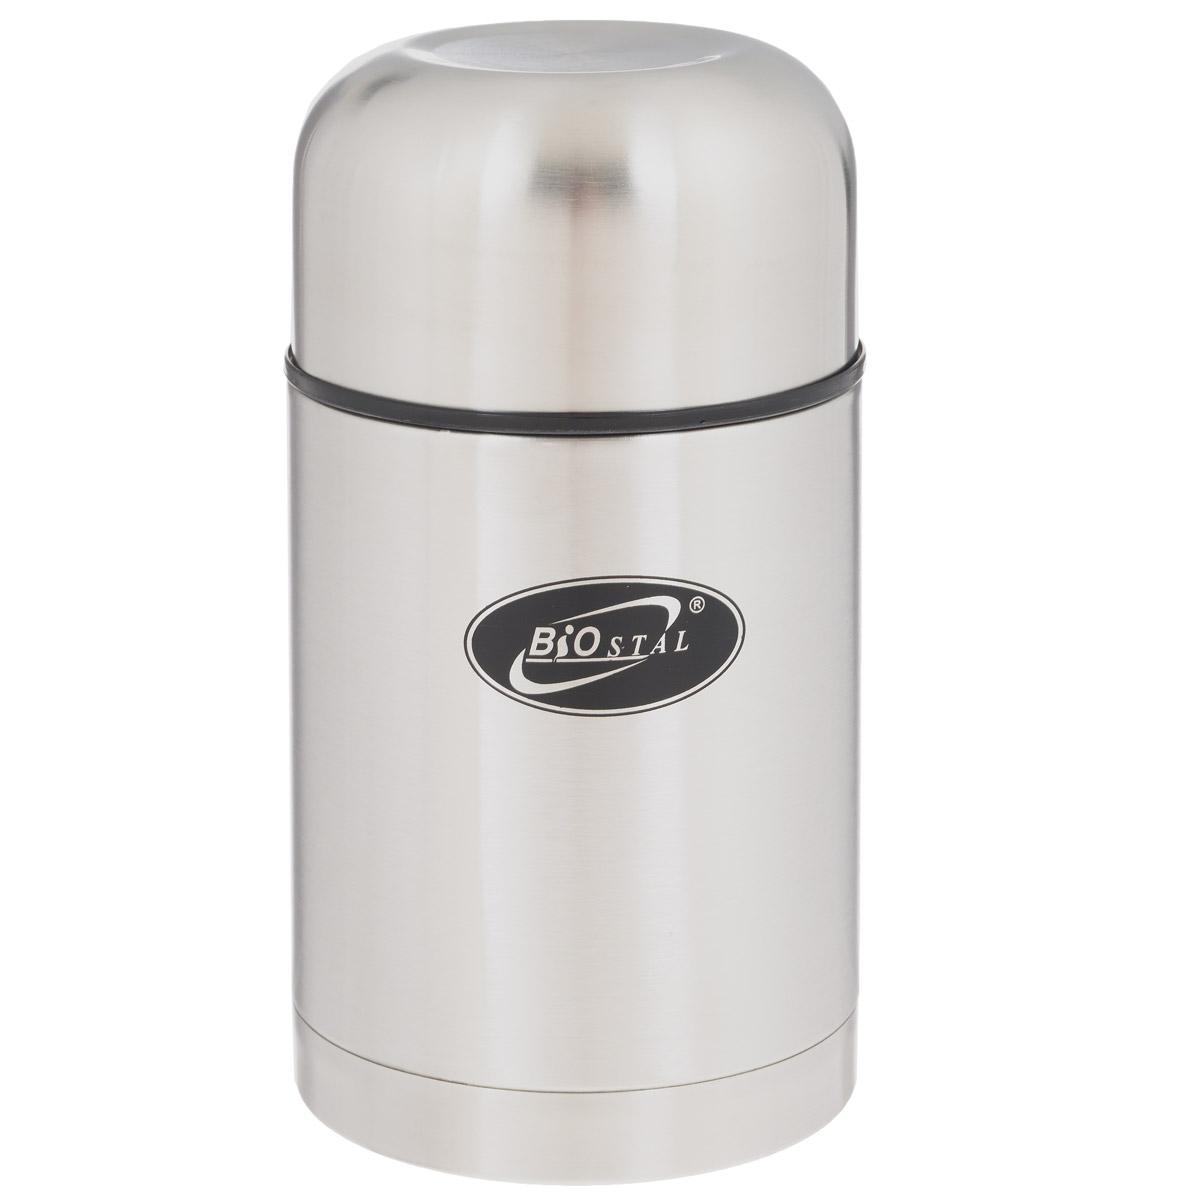 Термос BIOSTAL, в чехле, 750 мл. NT-750TB09-3411NПищевой термос с широким горлом BIOSTAL, изготовленный из высококачественной нержавеющей стали, относится к классической серии. Термосы этой серии, являющейся лидером продаж, просты в использовании, экономичны и многофункциональны. Термос с широким горлом предназначен для хранения горячей и холодной пищи, замороженных продуктов, мороженного, фруктов и льда и укомплектован пробкой с клапаном. Такая пробка обладает дополнительной теплоизоляцией и позволяет термосу дольше хранить тепло (до 24 часов), а клапан облегчает его открытие. Изделие также оснащено крышкой-чашкой и текстильным чехлом для хранения и переноски термоса. Легкий и прочный термос BIOSTAL сохранит ваши напитки горячими или холодными надолго.Высота (с учетом крышки): 19 см.Диаметр горлышка: 8 см.